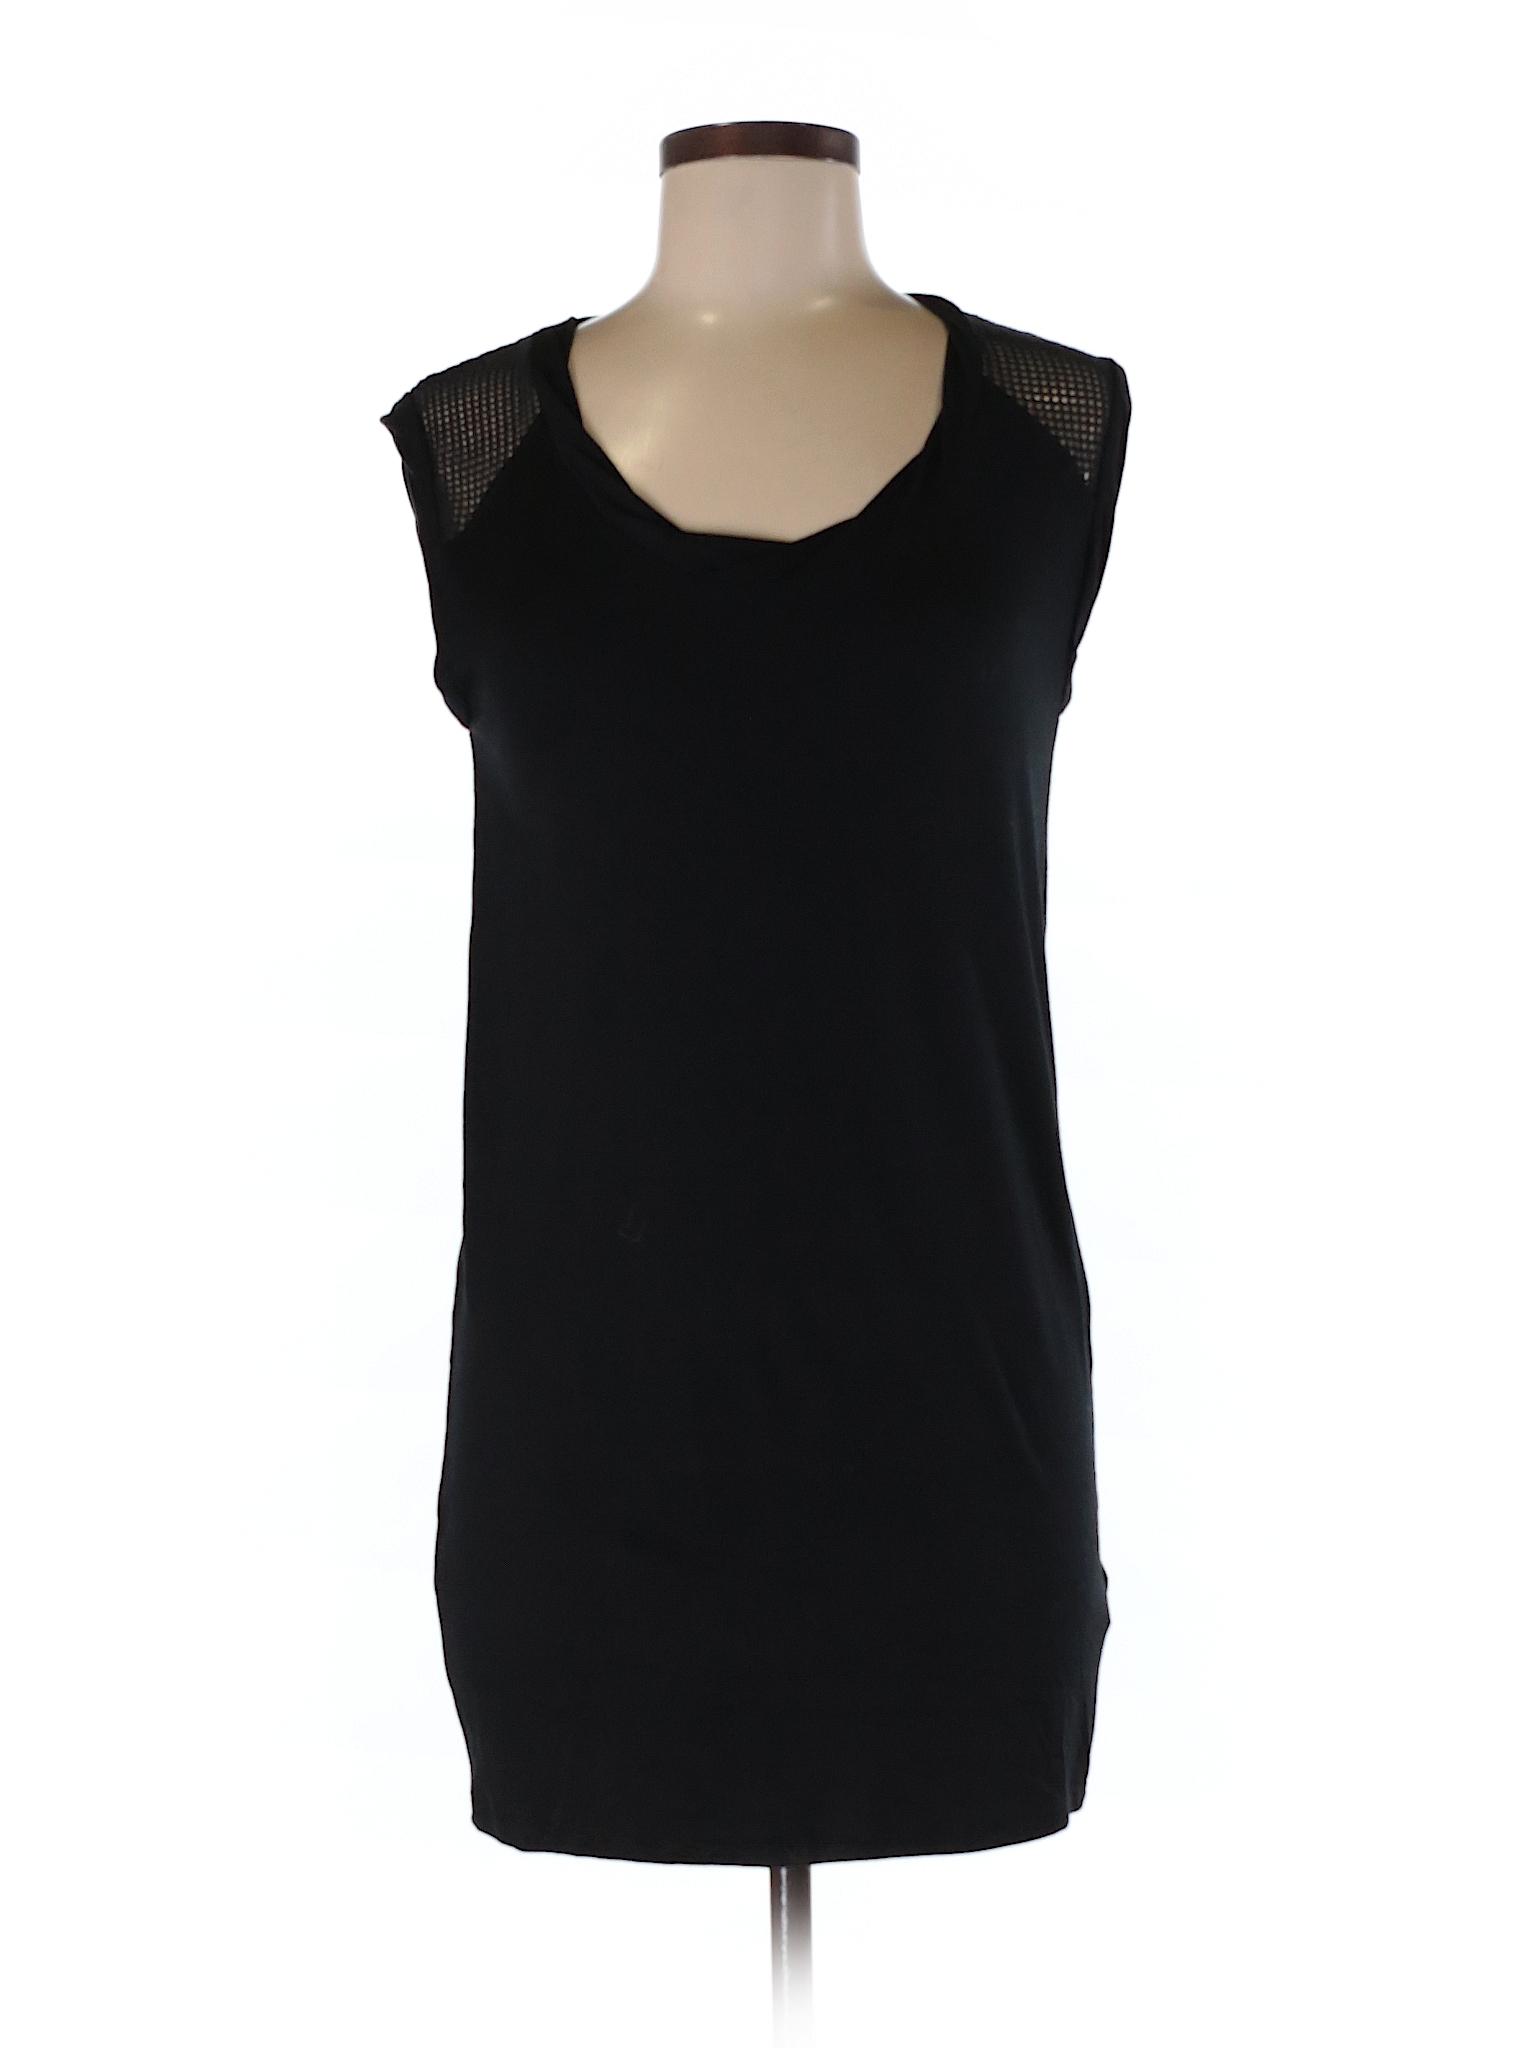 Dress LA winter Casual Made Boutique wBFHqRx